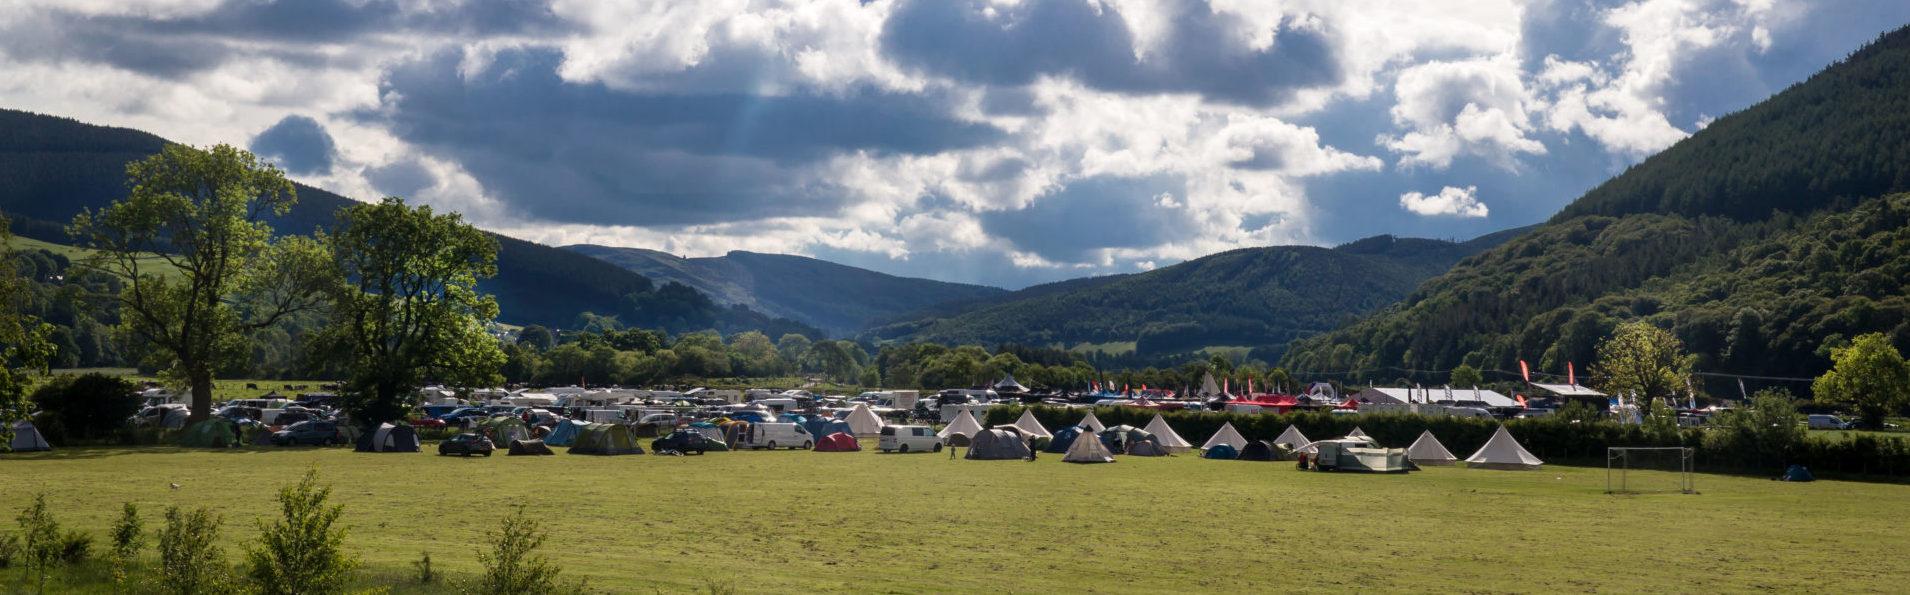 TweedLove Camping